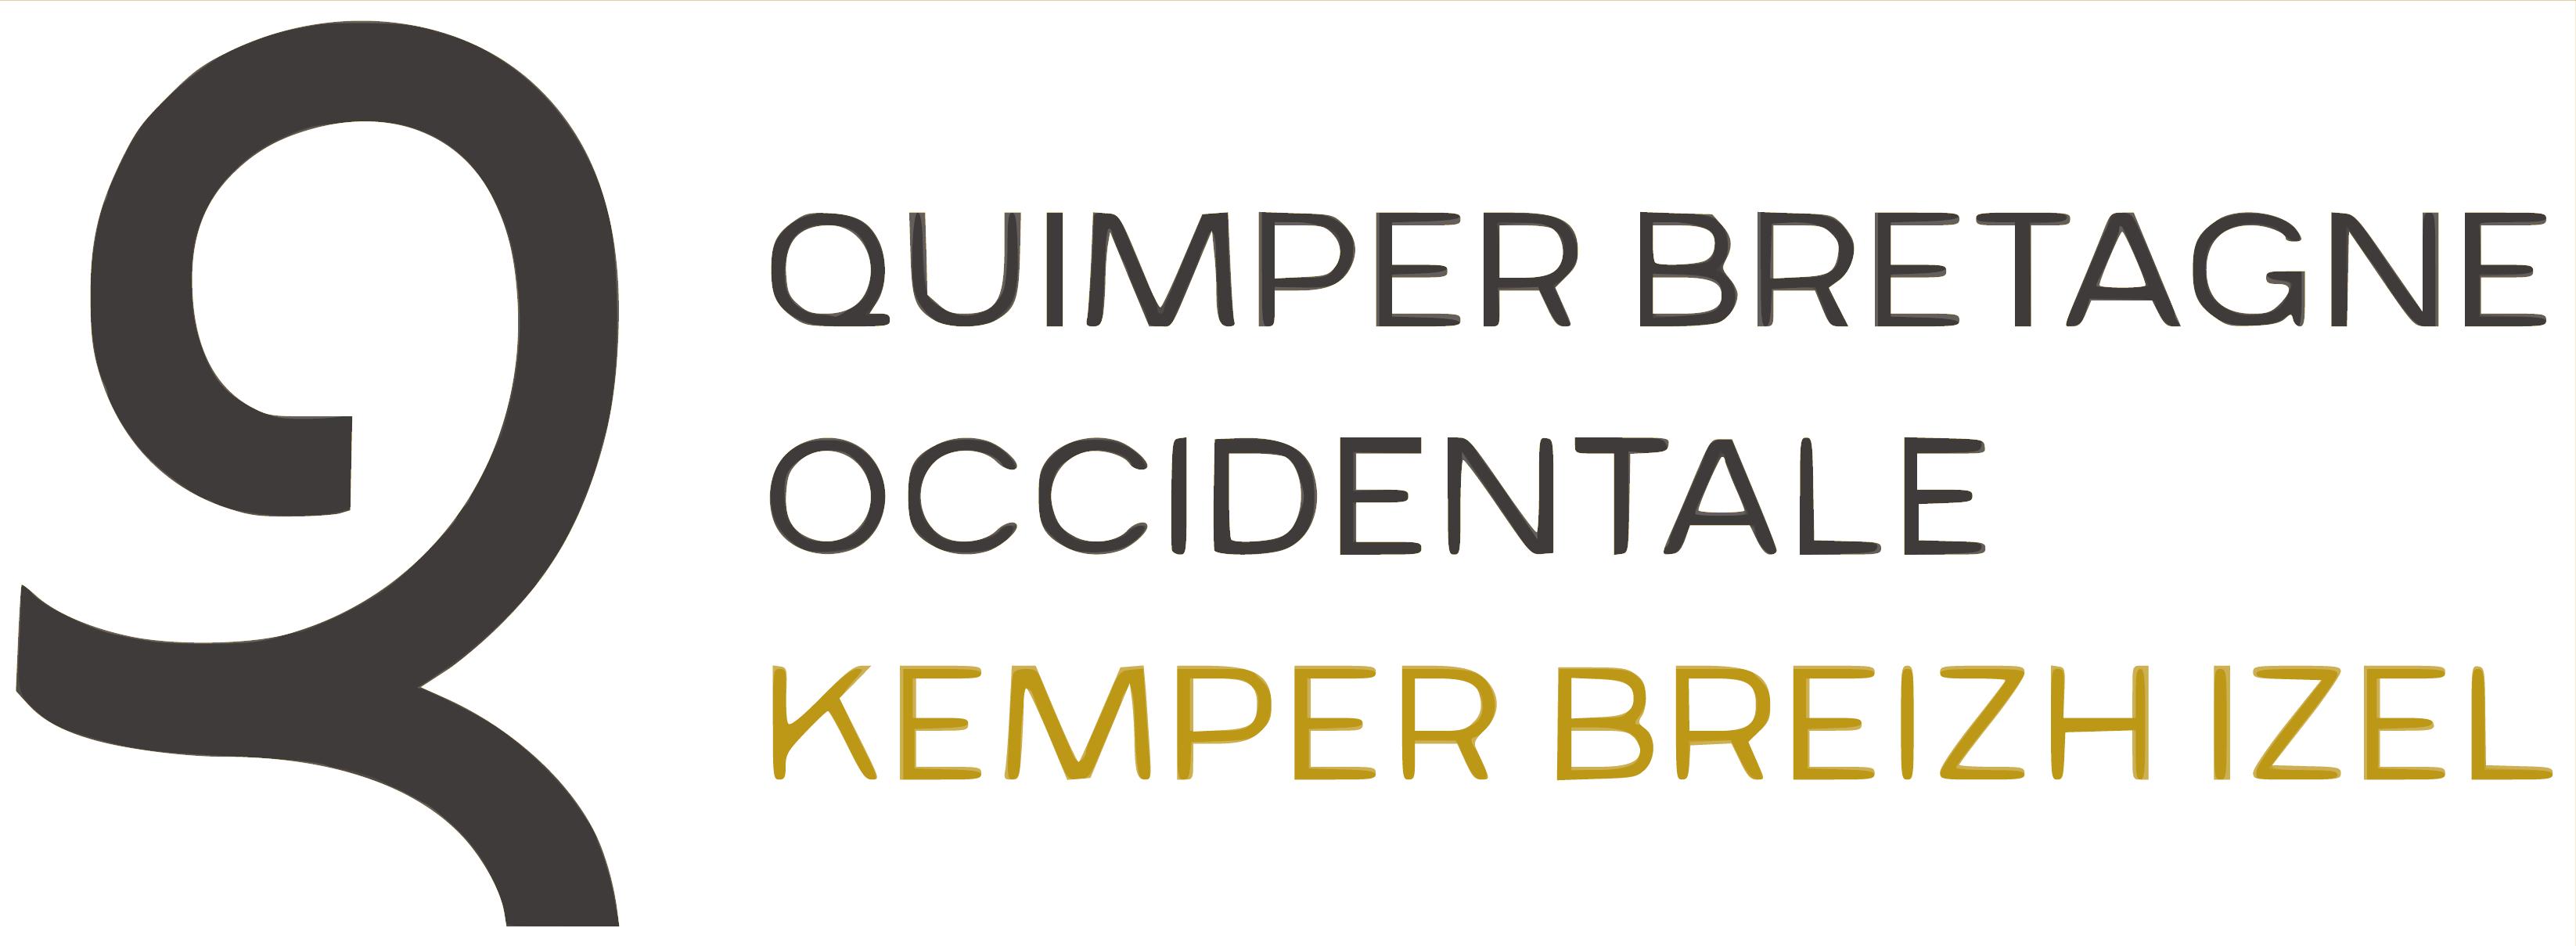 quimper-bretagne-occidentale